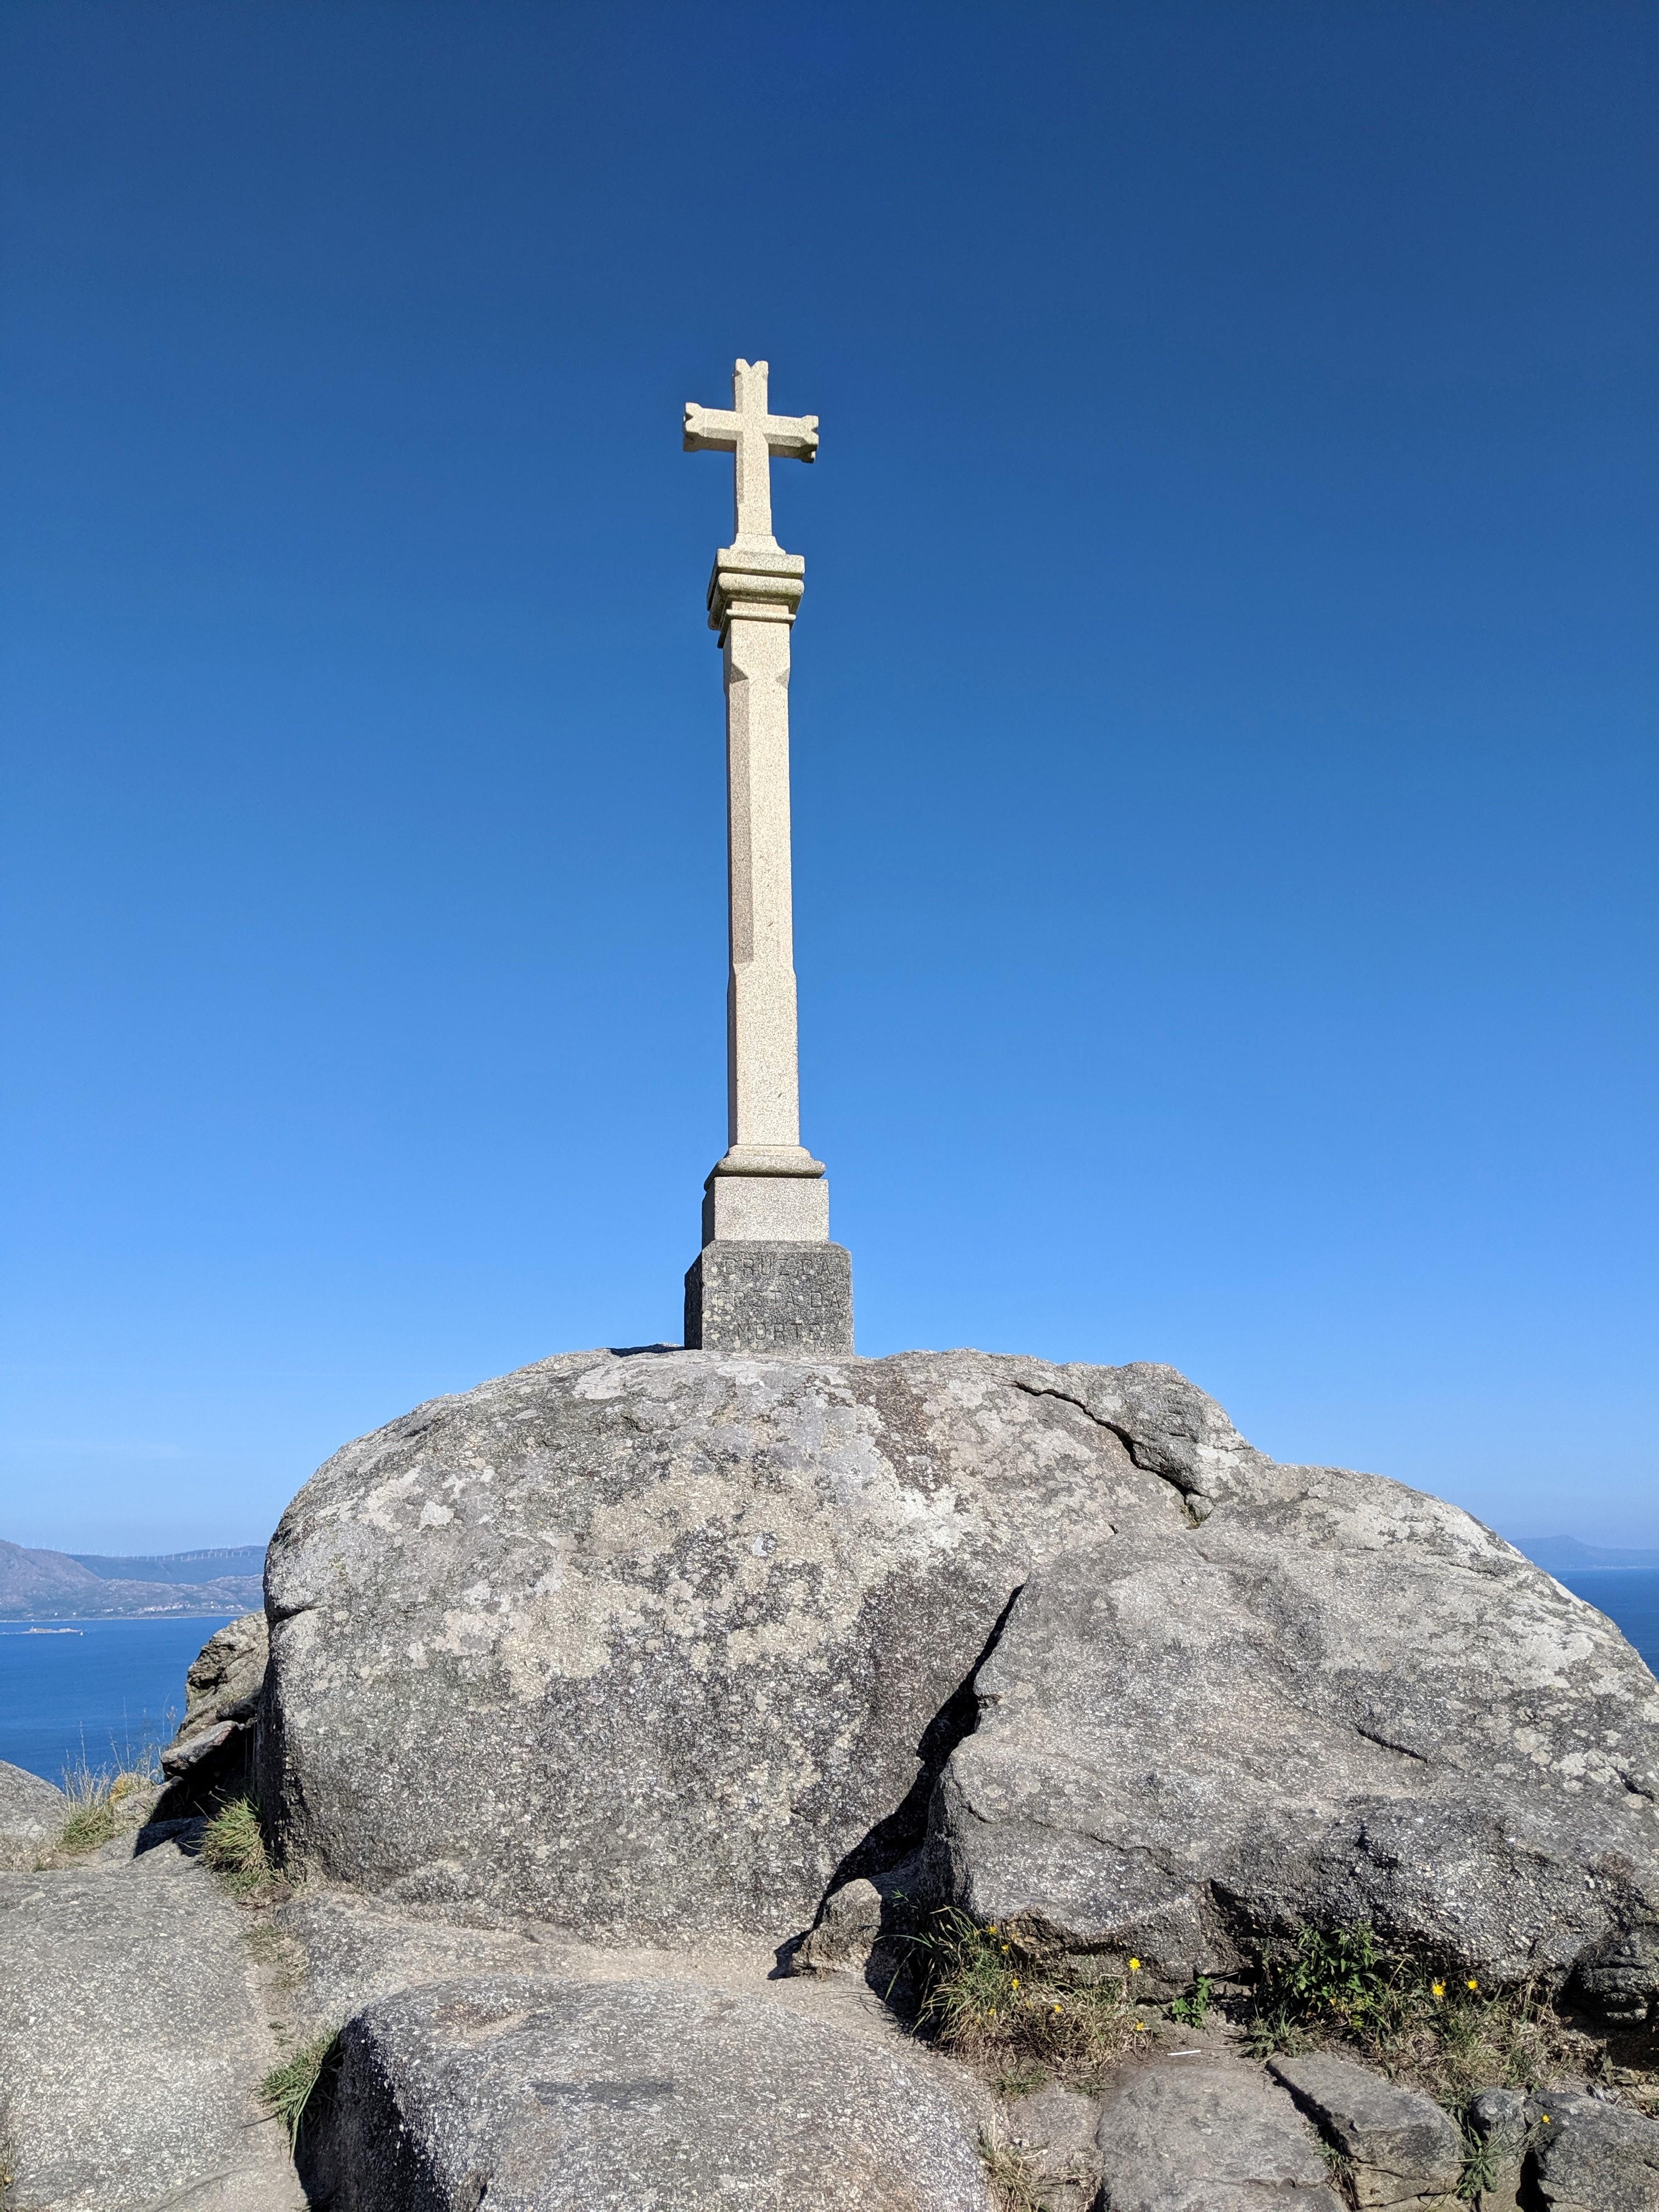 Muxia, Death Coast, Spanish coast, cross, El Camino de Santiago